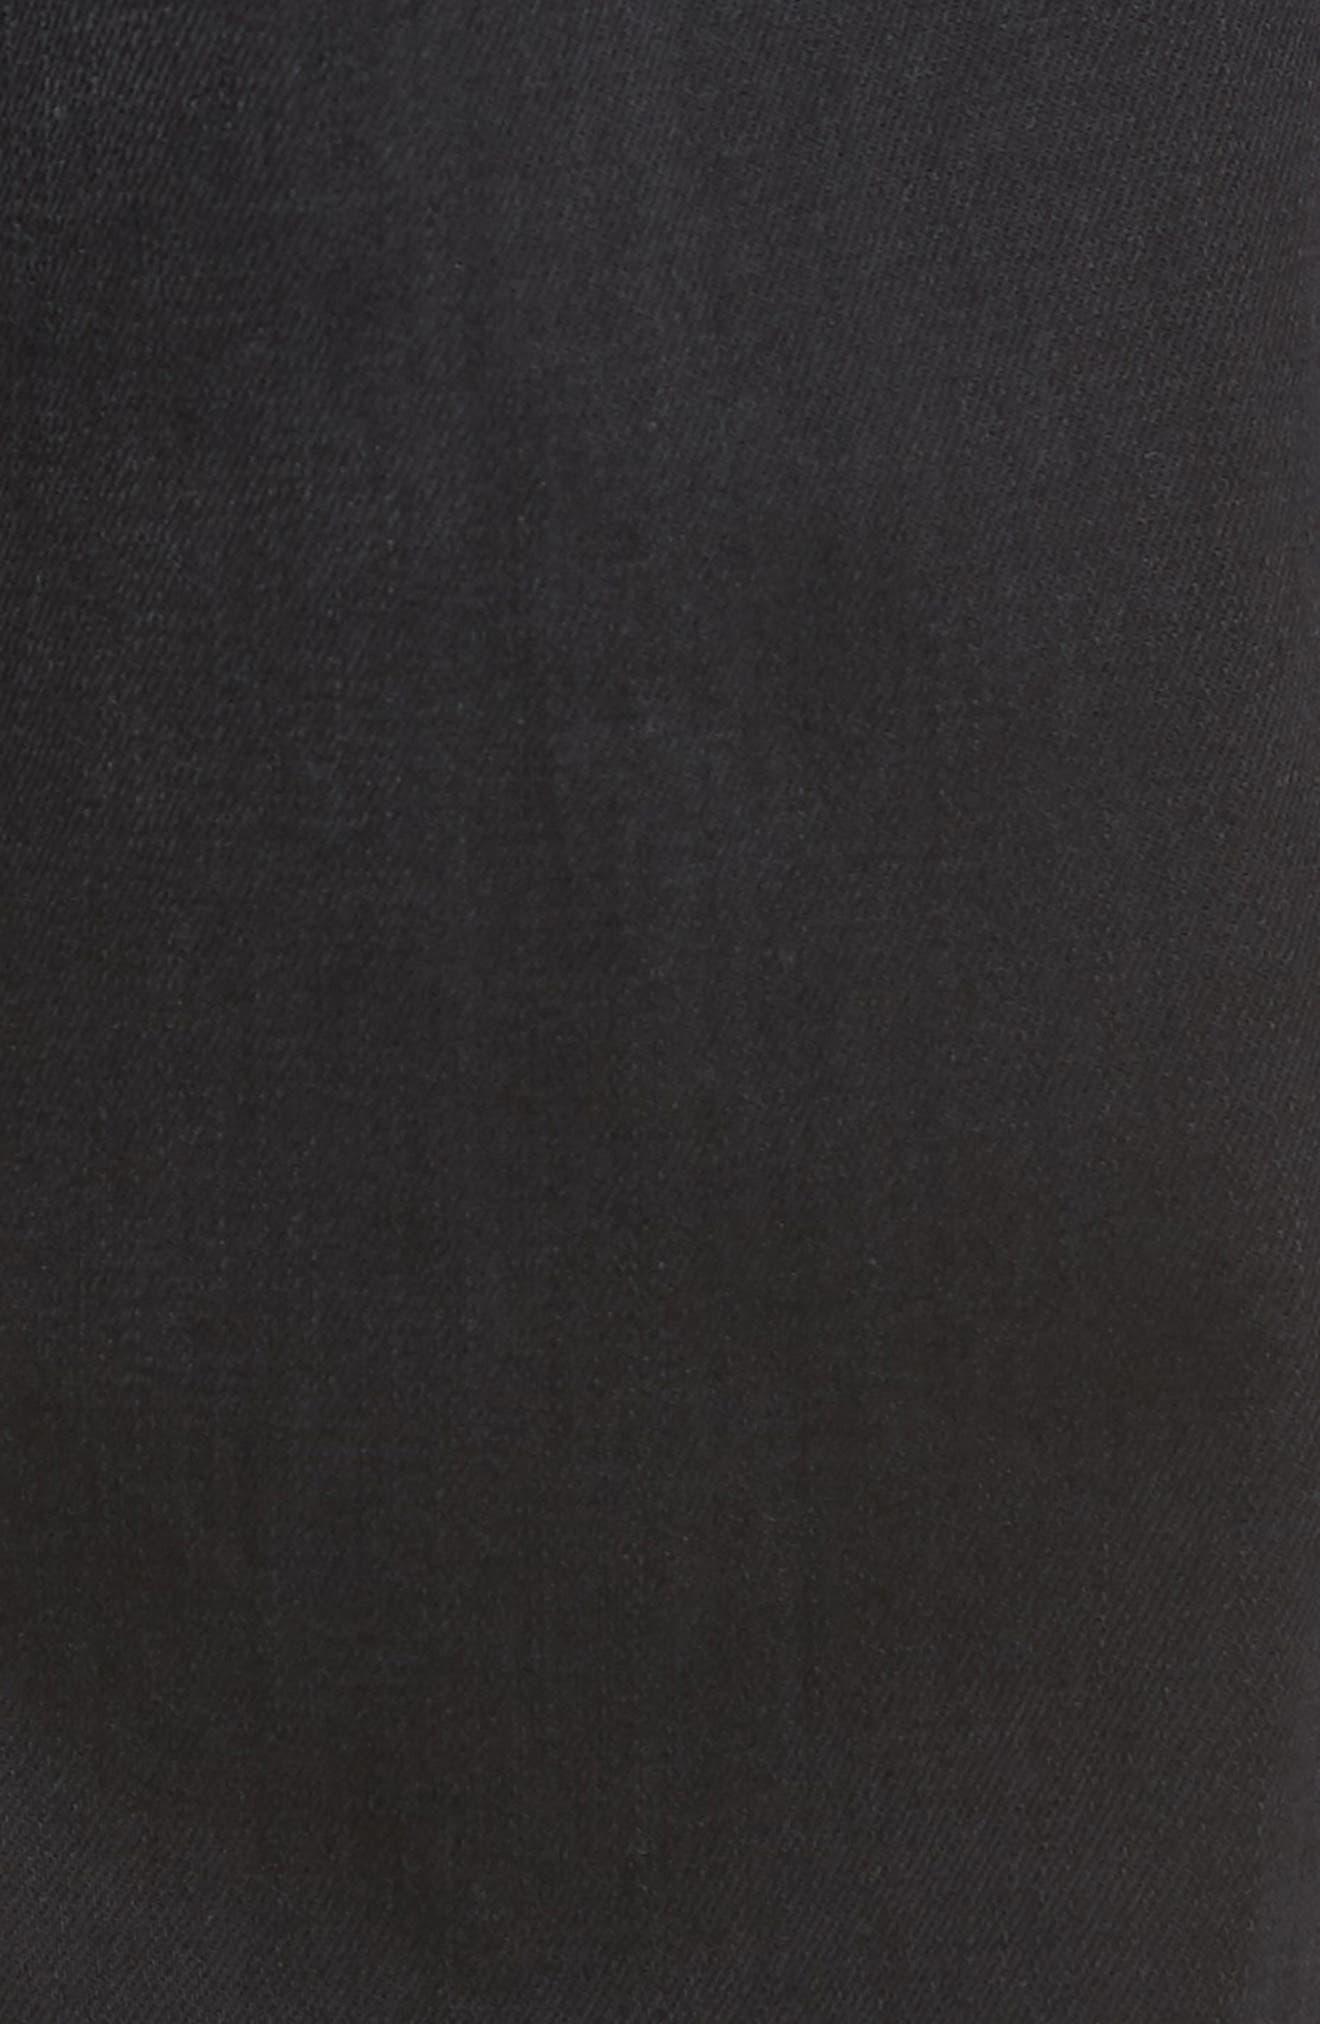 Everett Slim Straight Leg Jeans,                             Alternate thumbnail 5, color,                             001